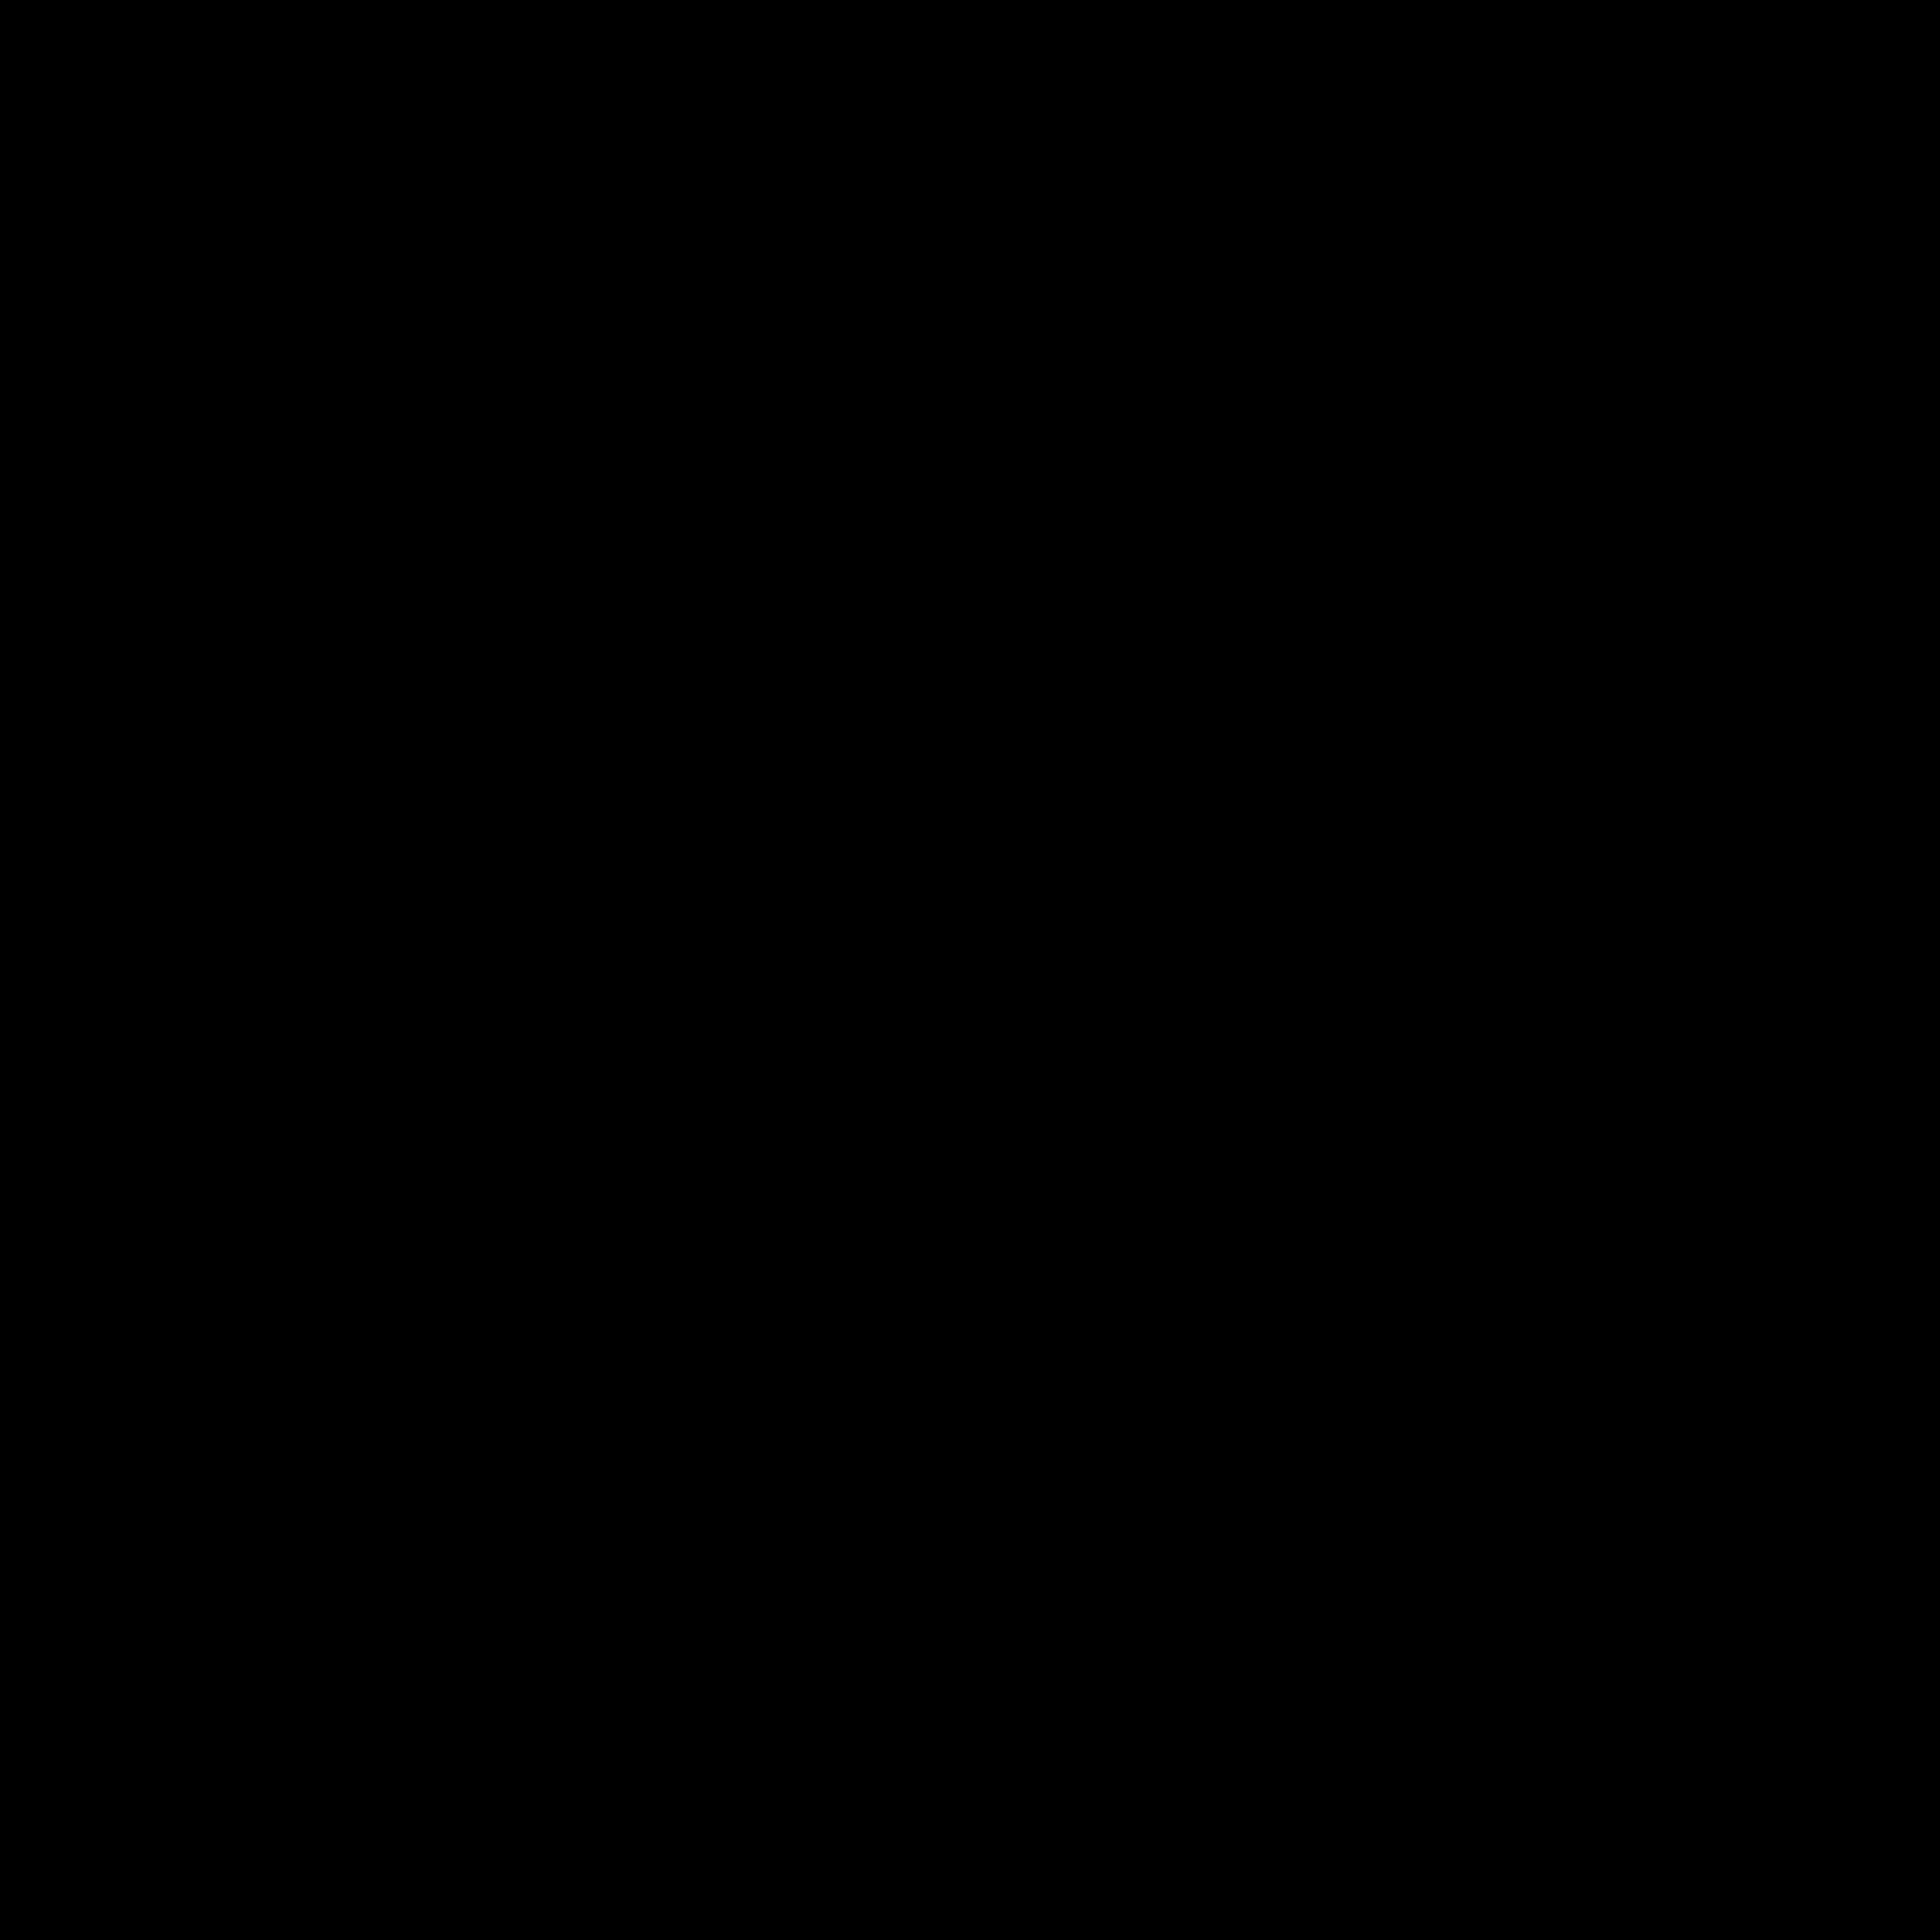 speakerheadz-ufo-tekst-1